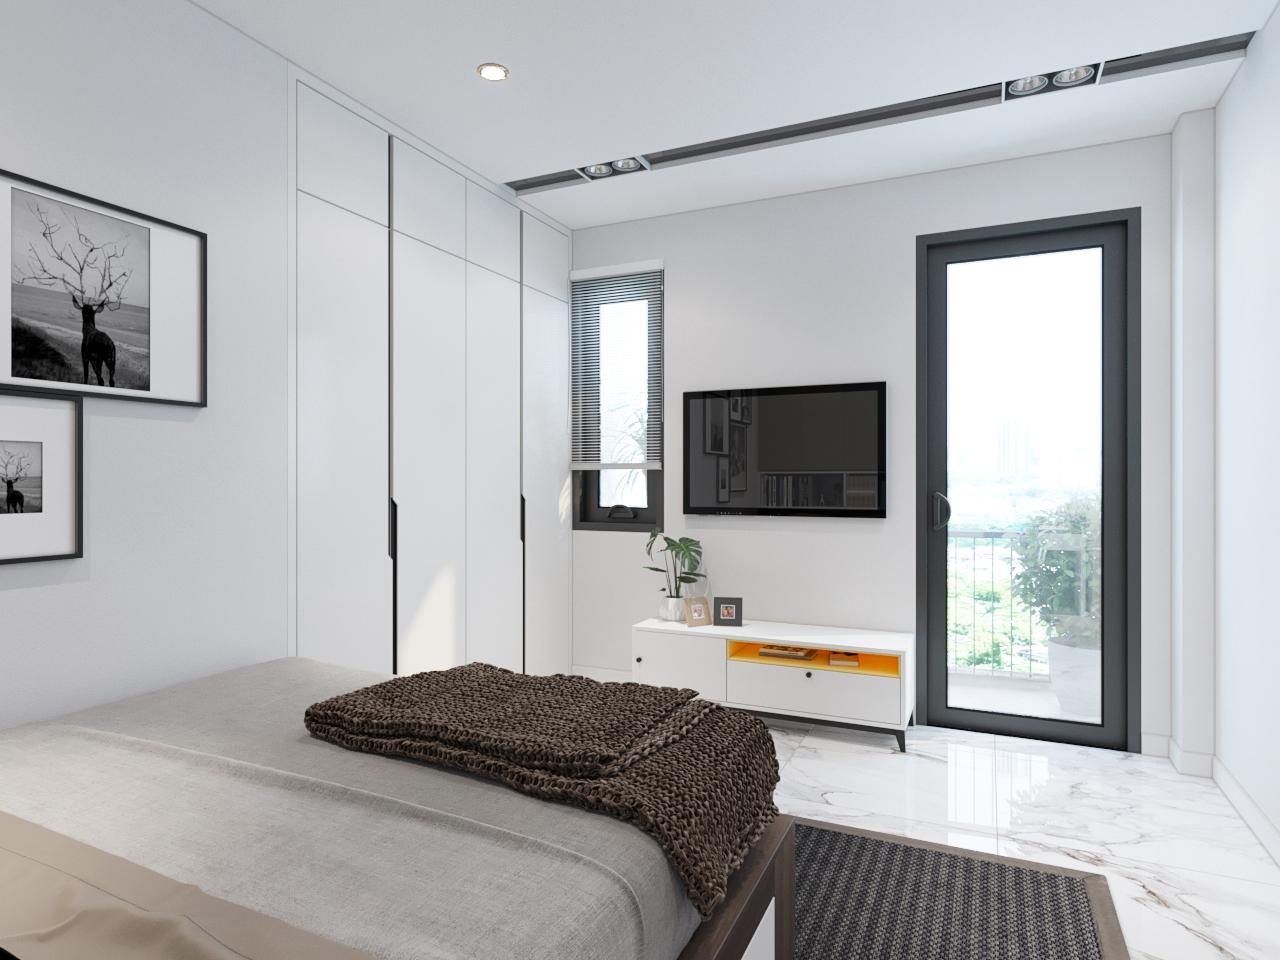 thiết kế nội thất Nhà Mặt Phố tại Hà Nội Nhà Phố - Văn Tiến Dũng 24 1562827647